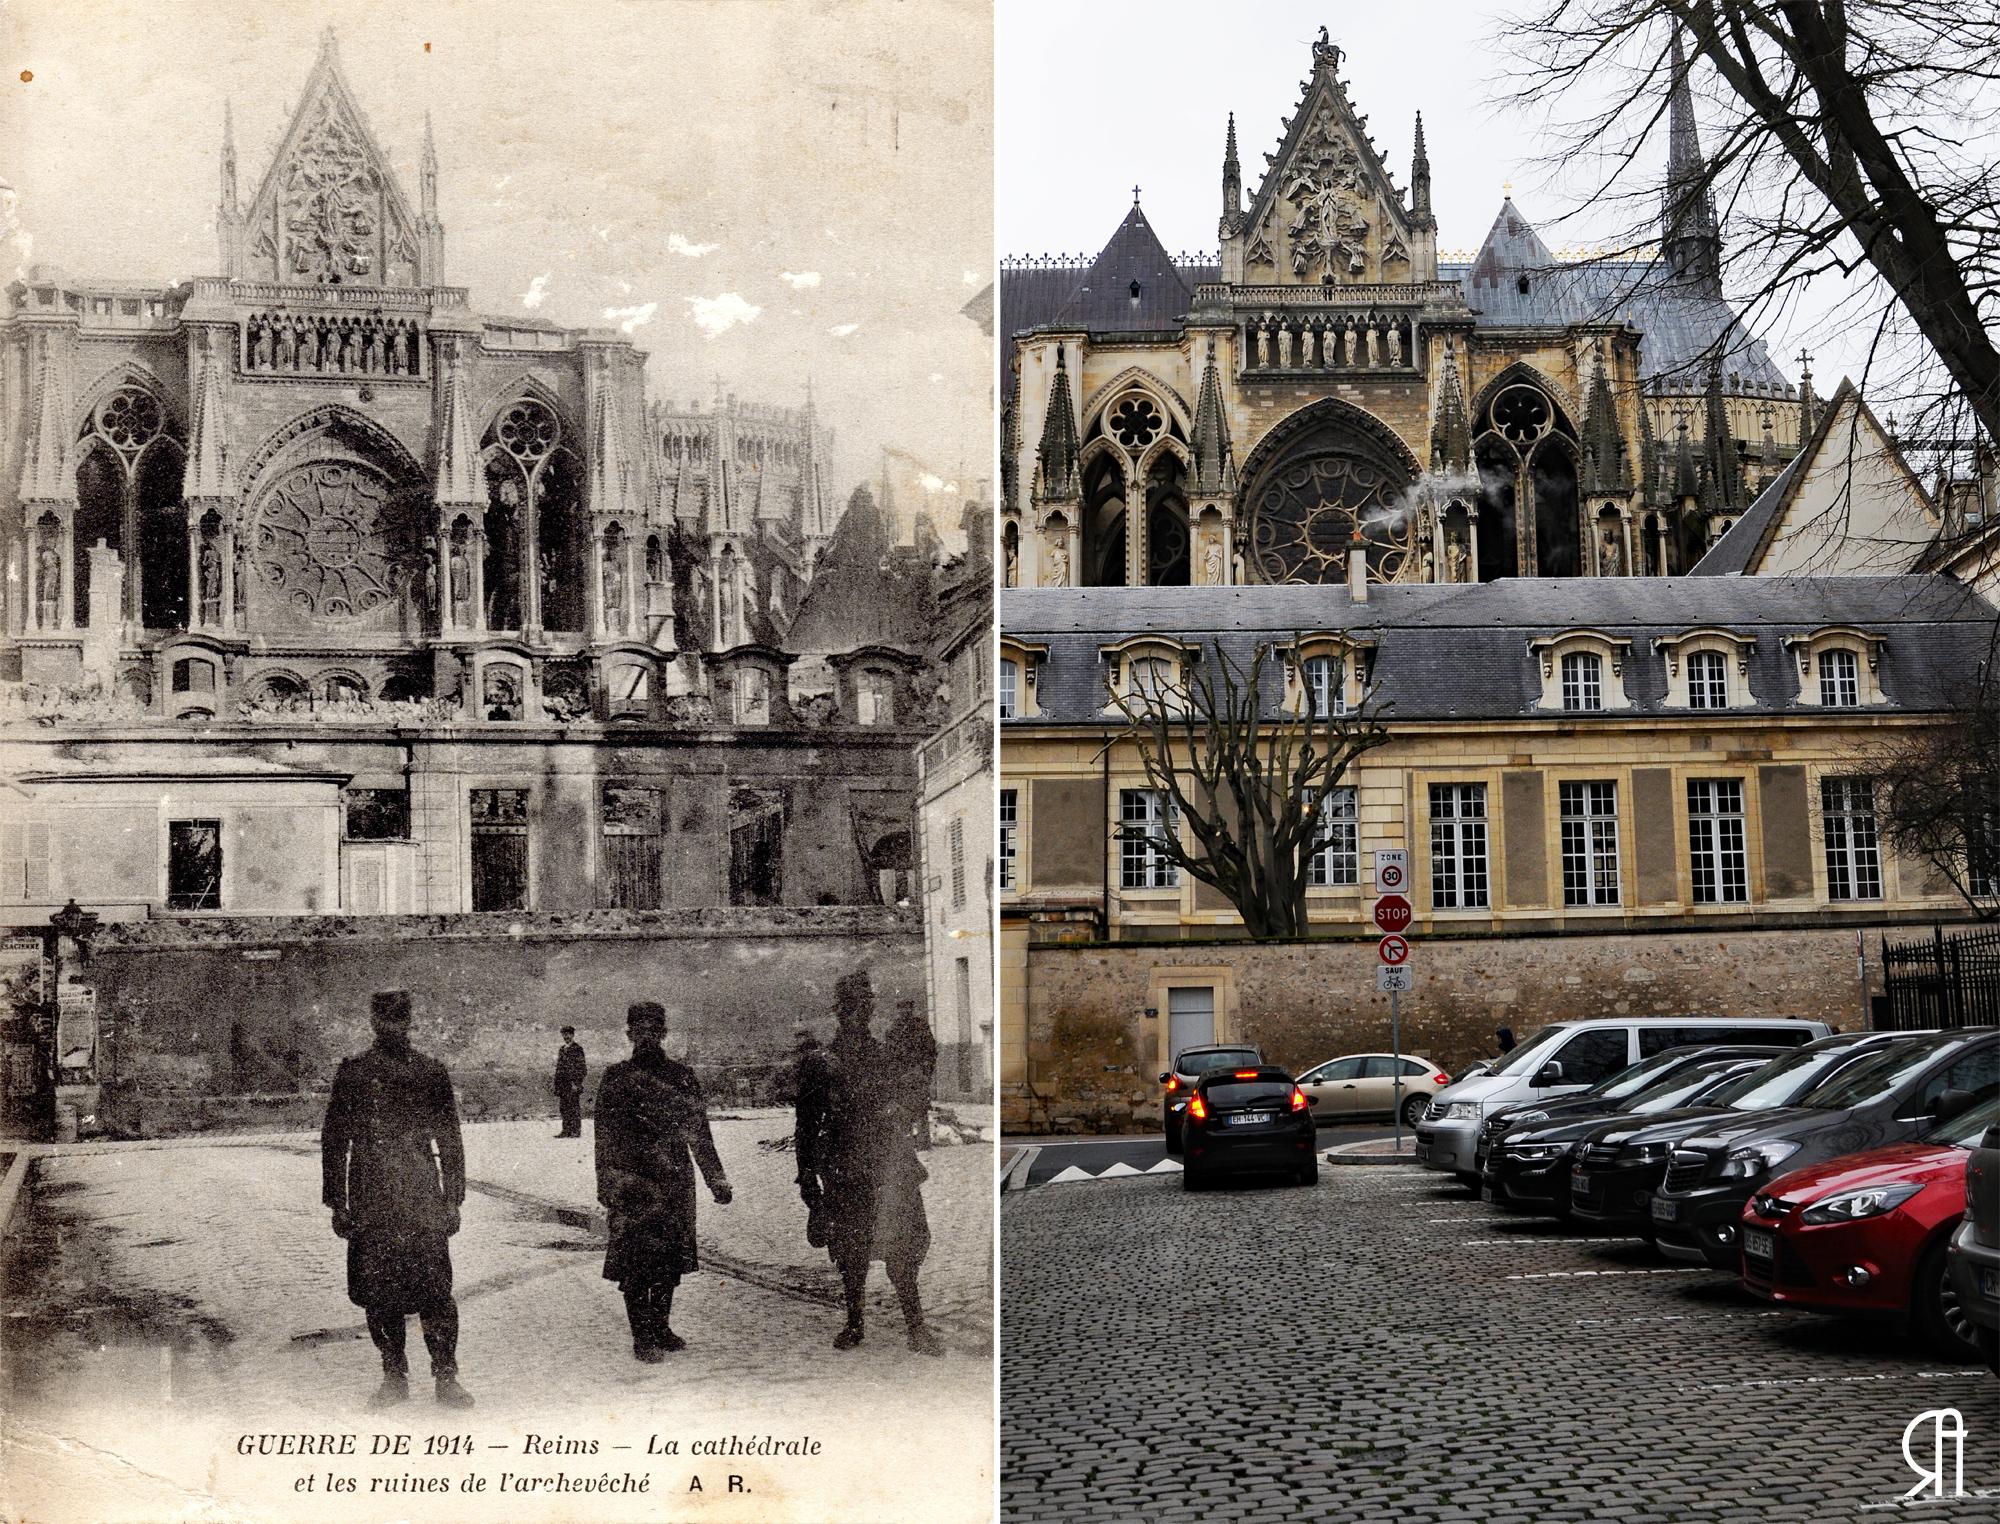 La cathédrale depuis la rue l'École de Médecine pendant la Grande Guerre